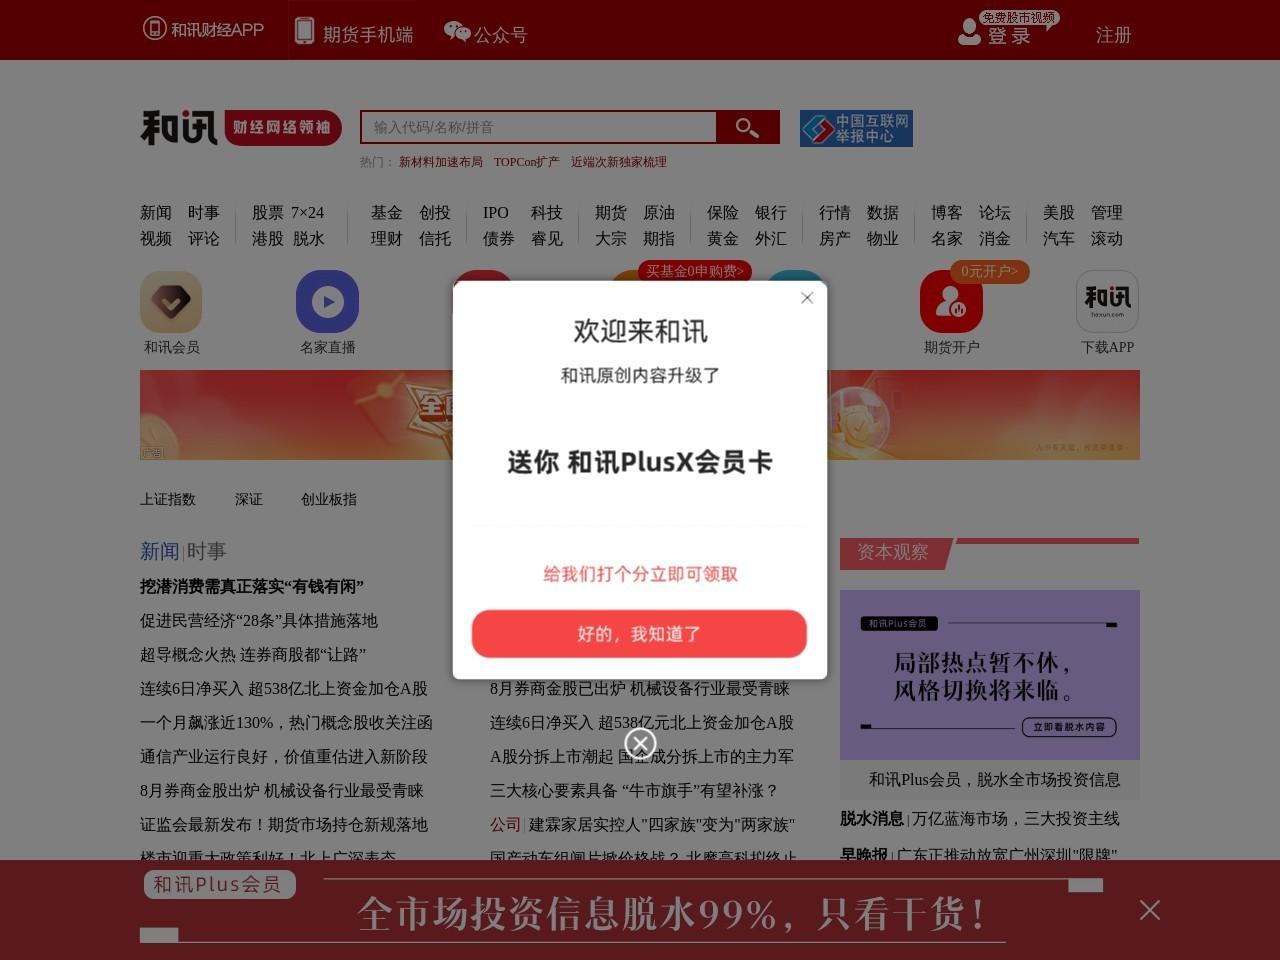 和讯网的网站截图